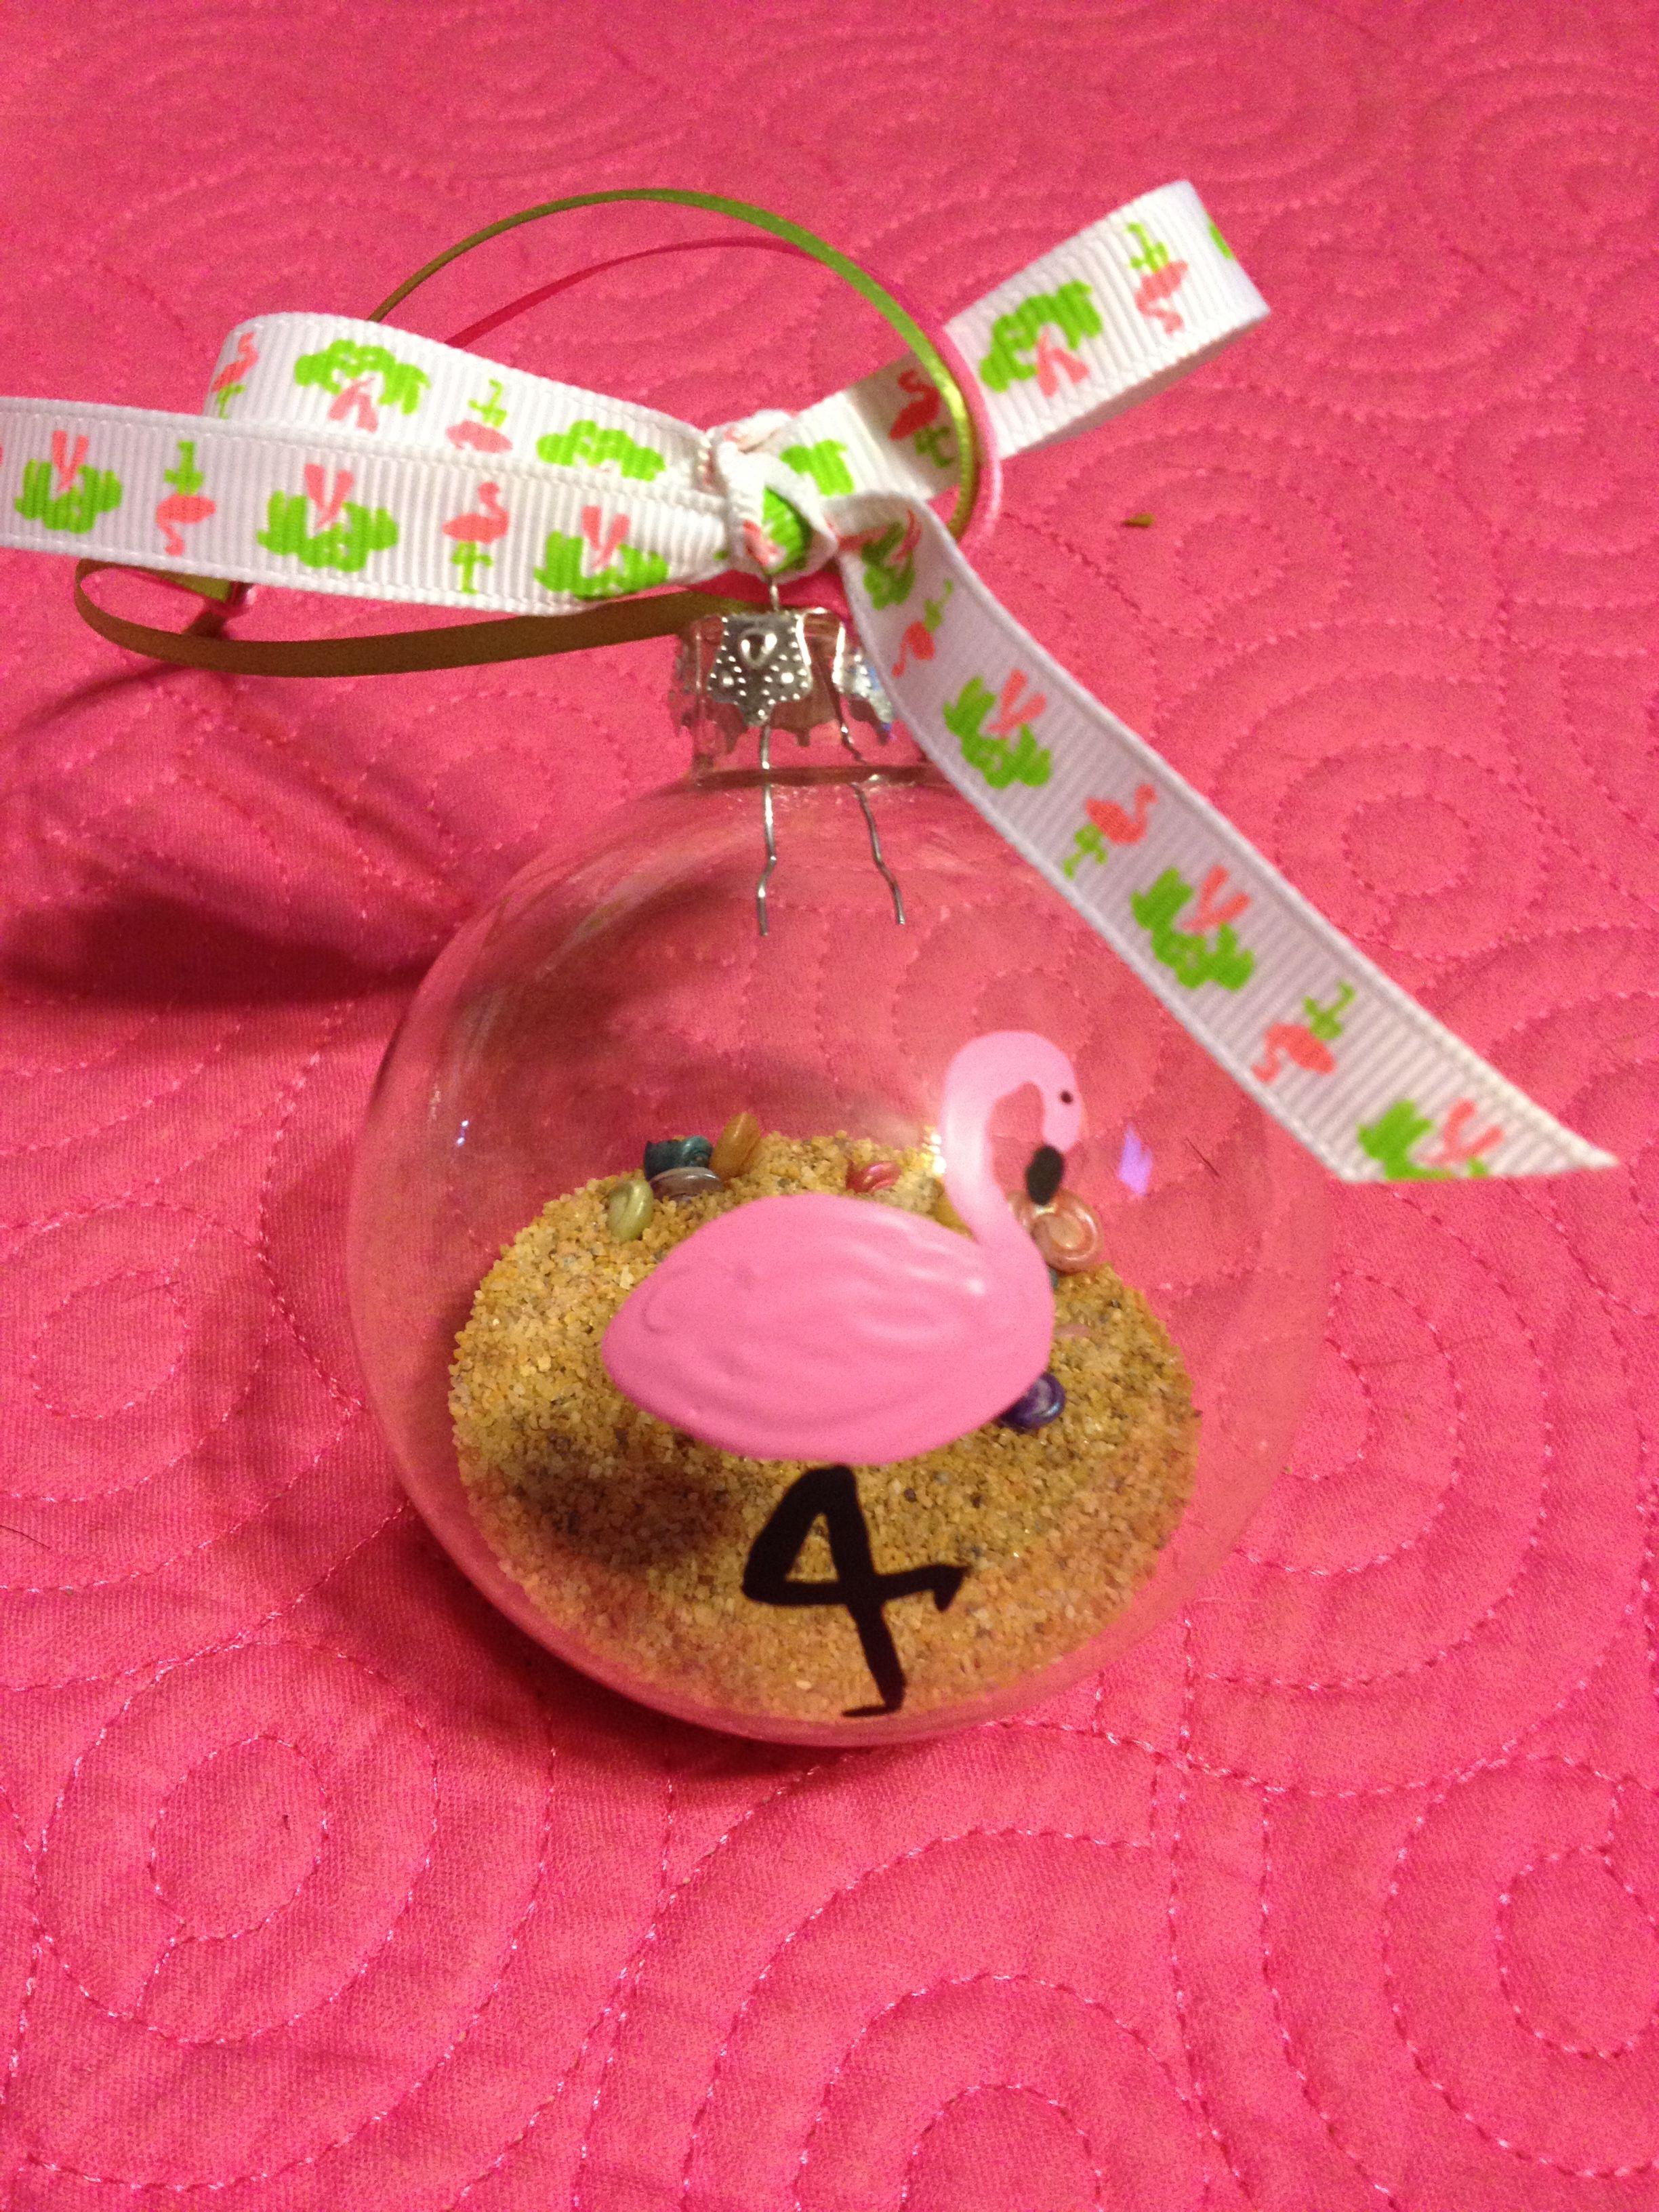 Flamingo Ornament Flamingo Ornament Flamingo Christmas Flamingo Craft